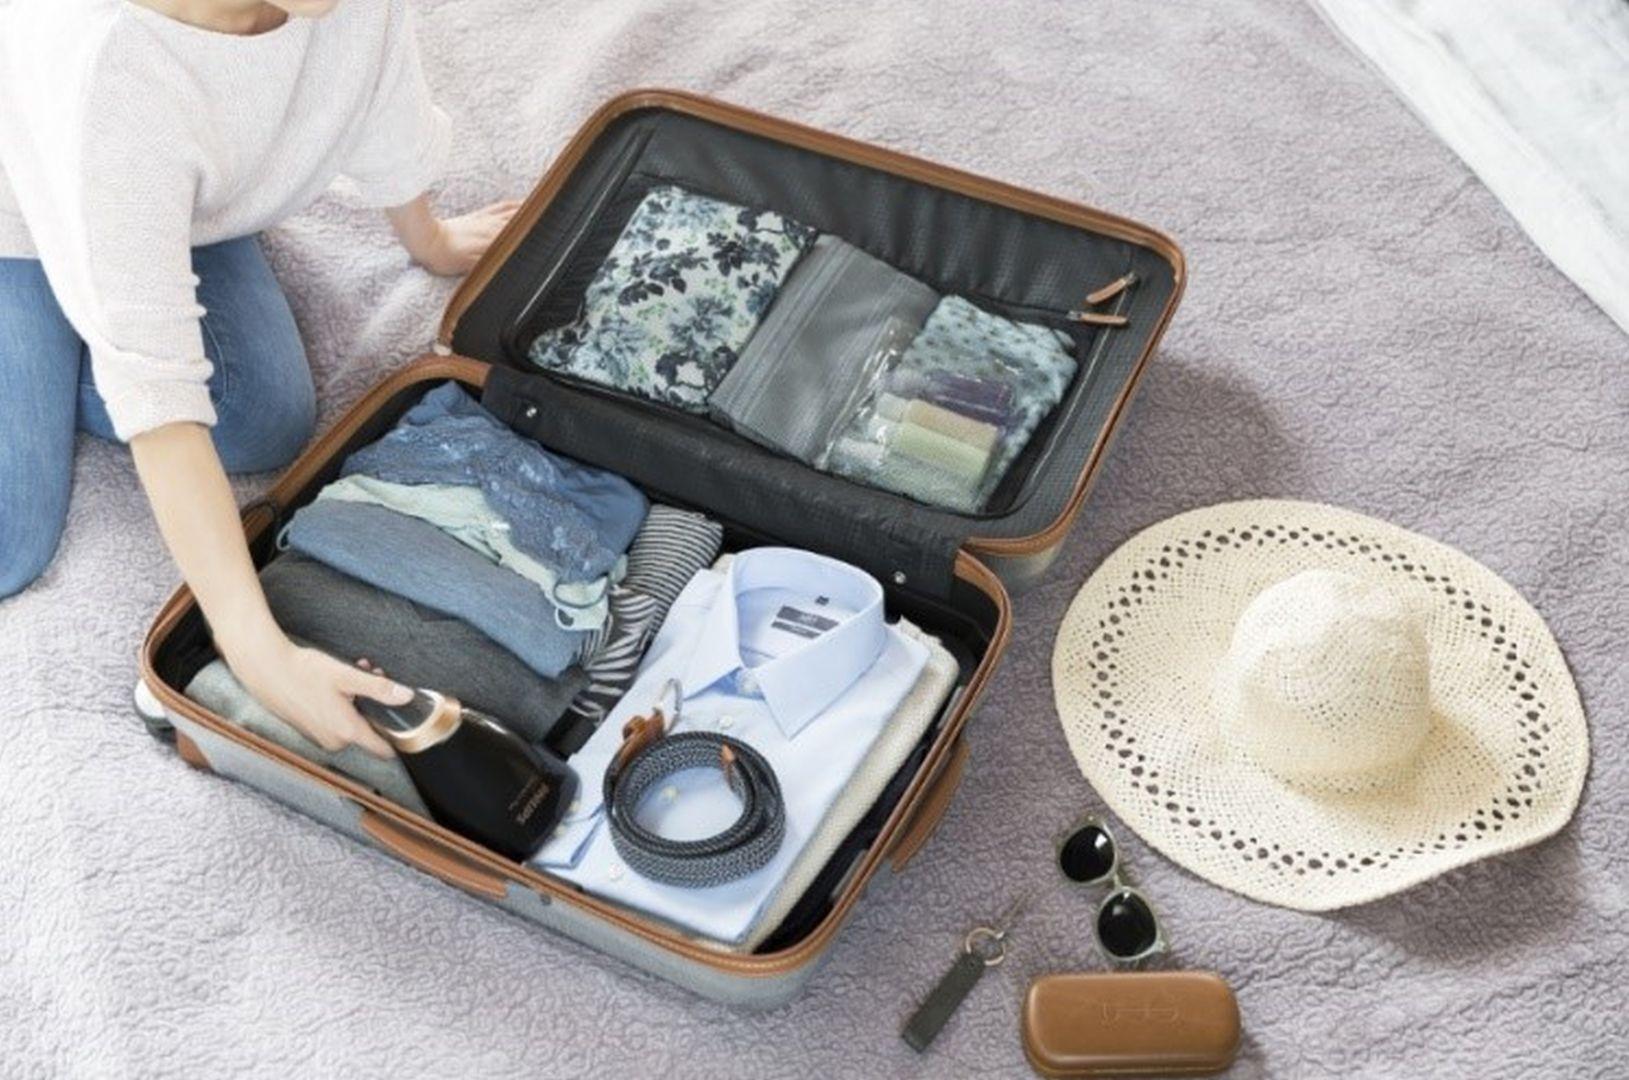 Ręczna parownica – idealny towarzysz podróży. Fot. Philips